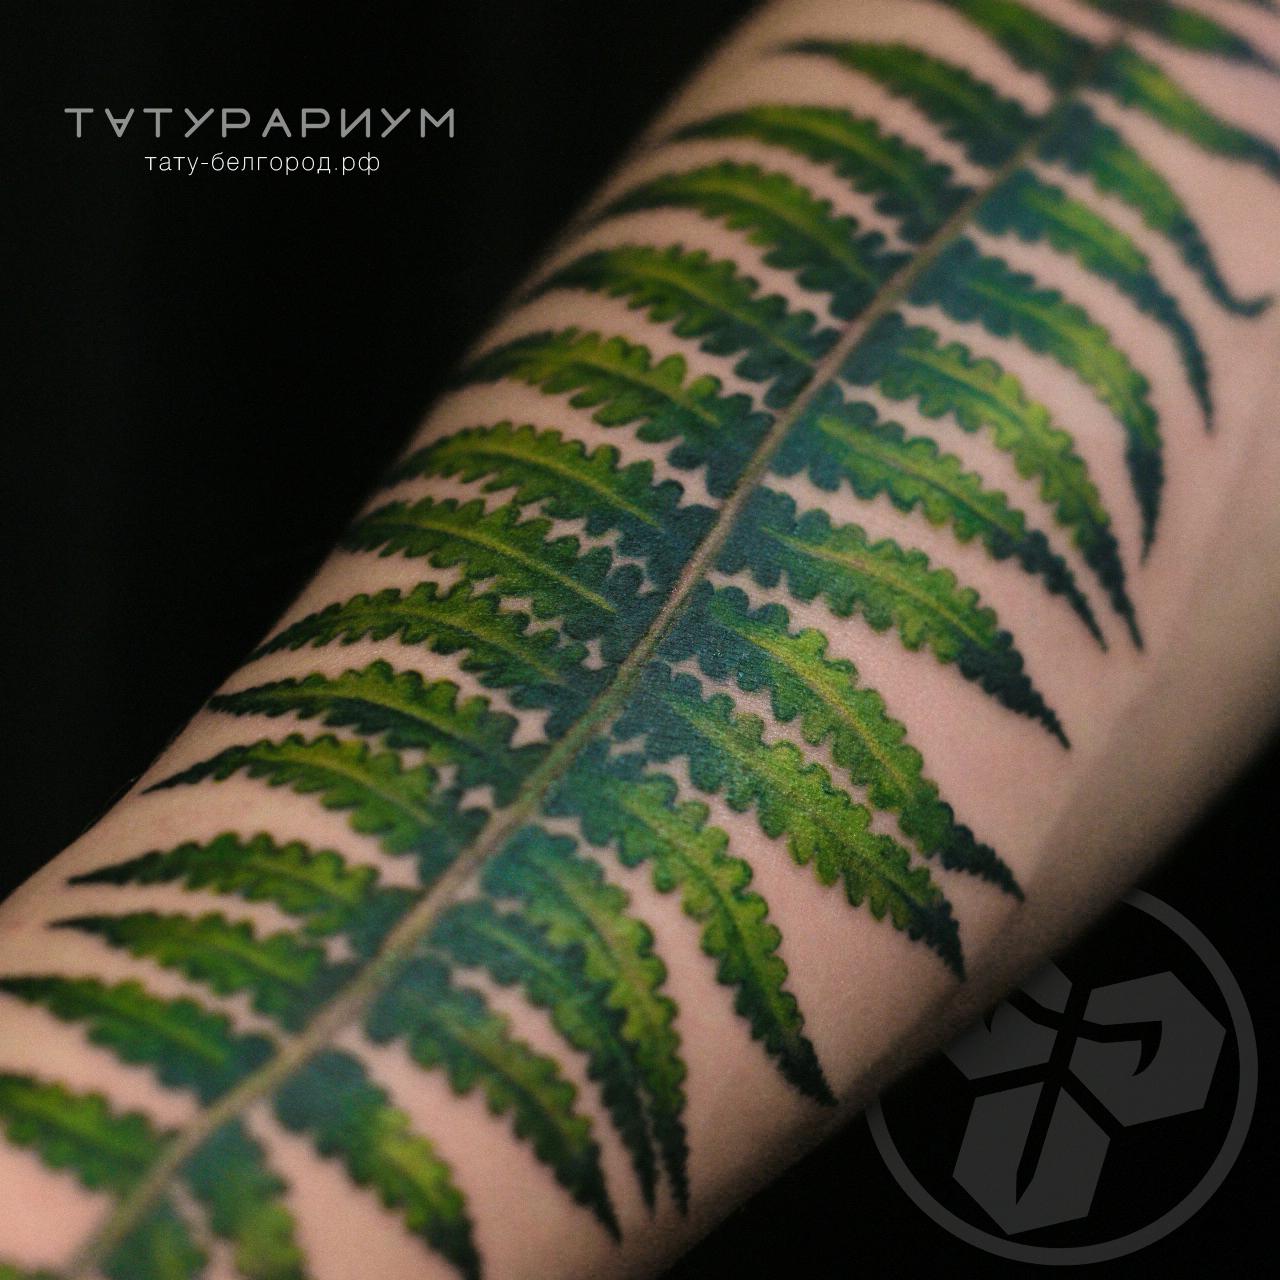 фото татуировки папаротник цветной реали